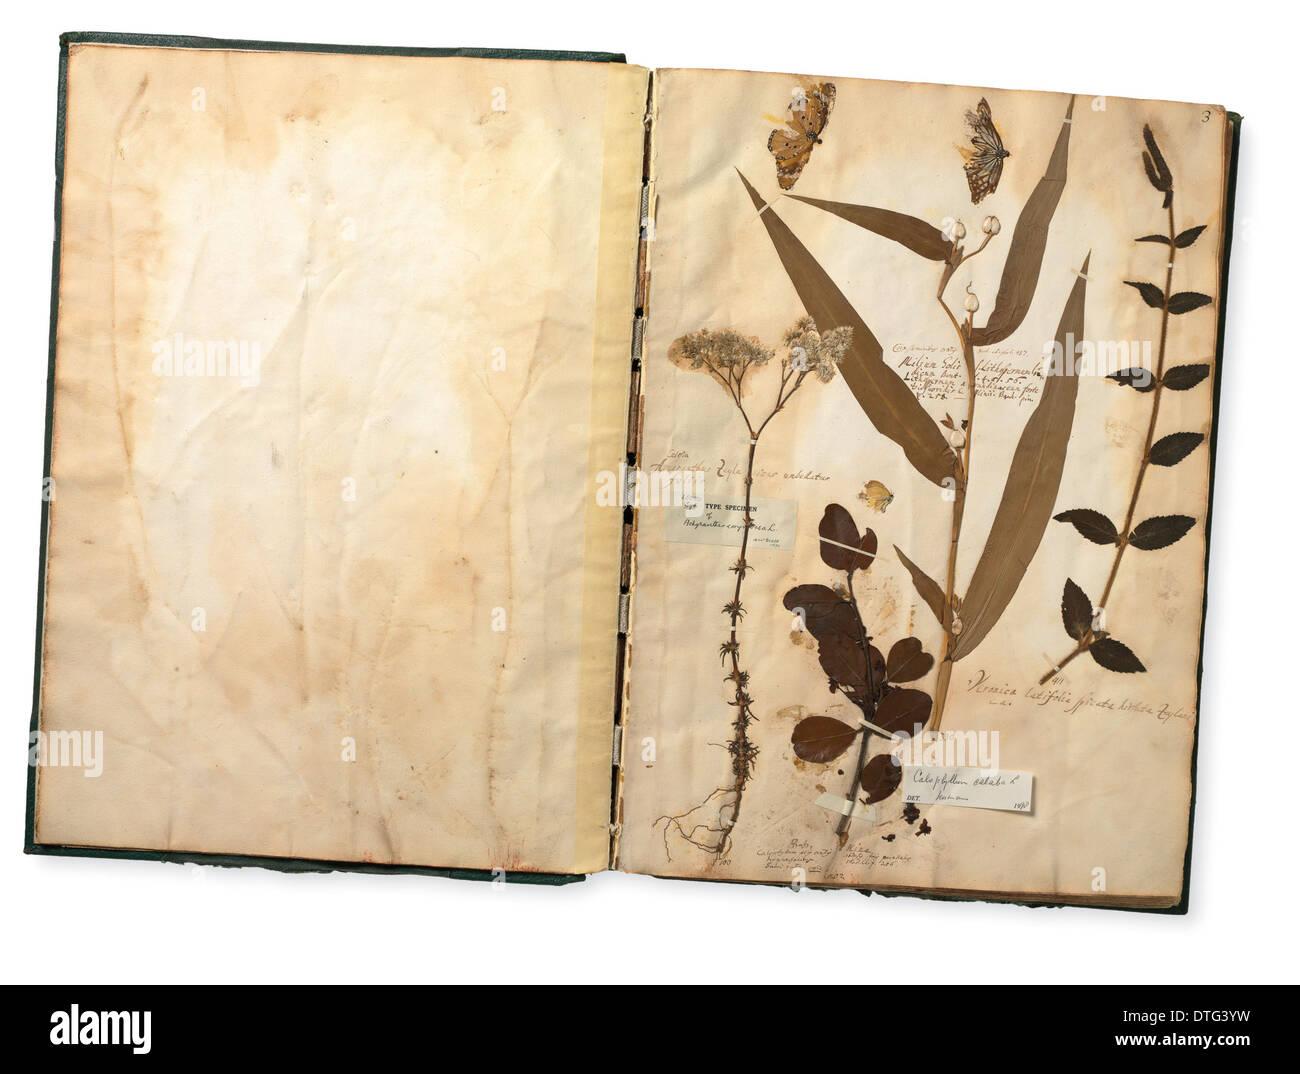 Esemplari (comprese le farfalle) da Paolo collezione Hermann Immagini Stock